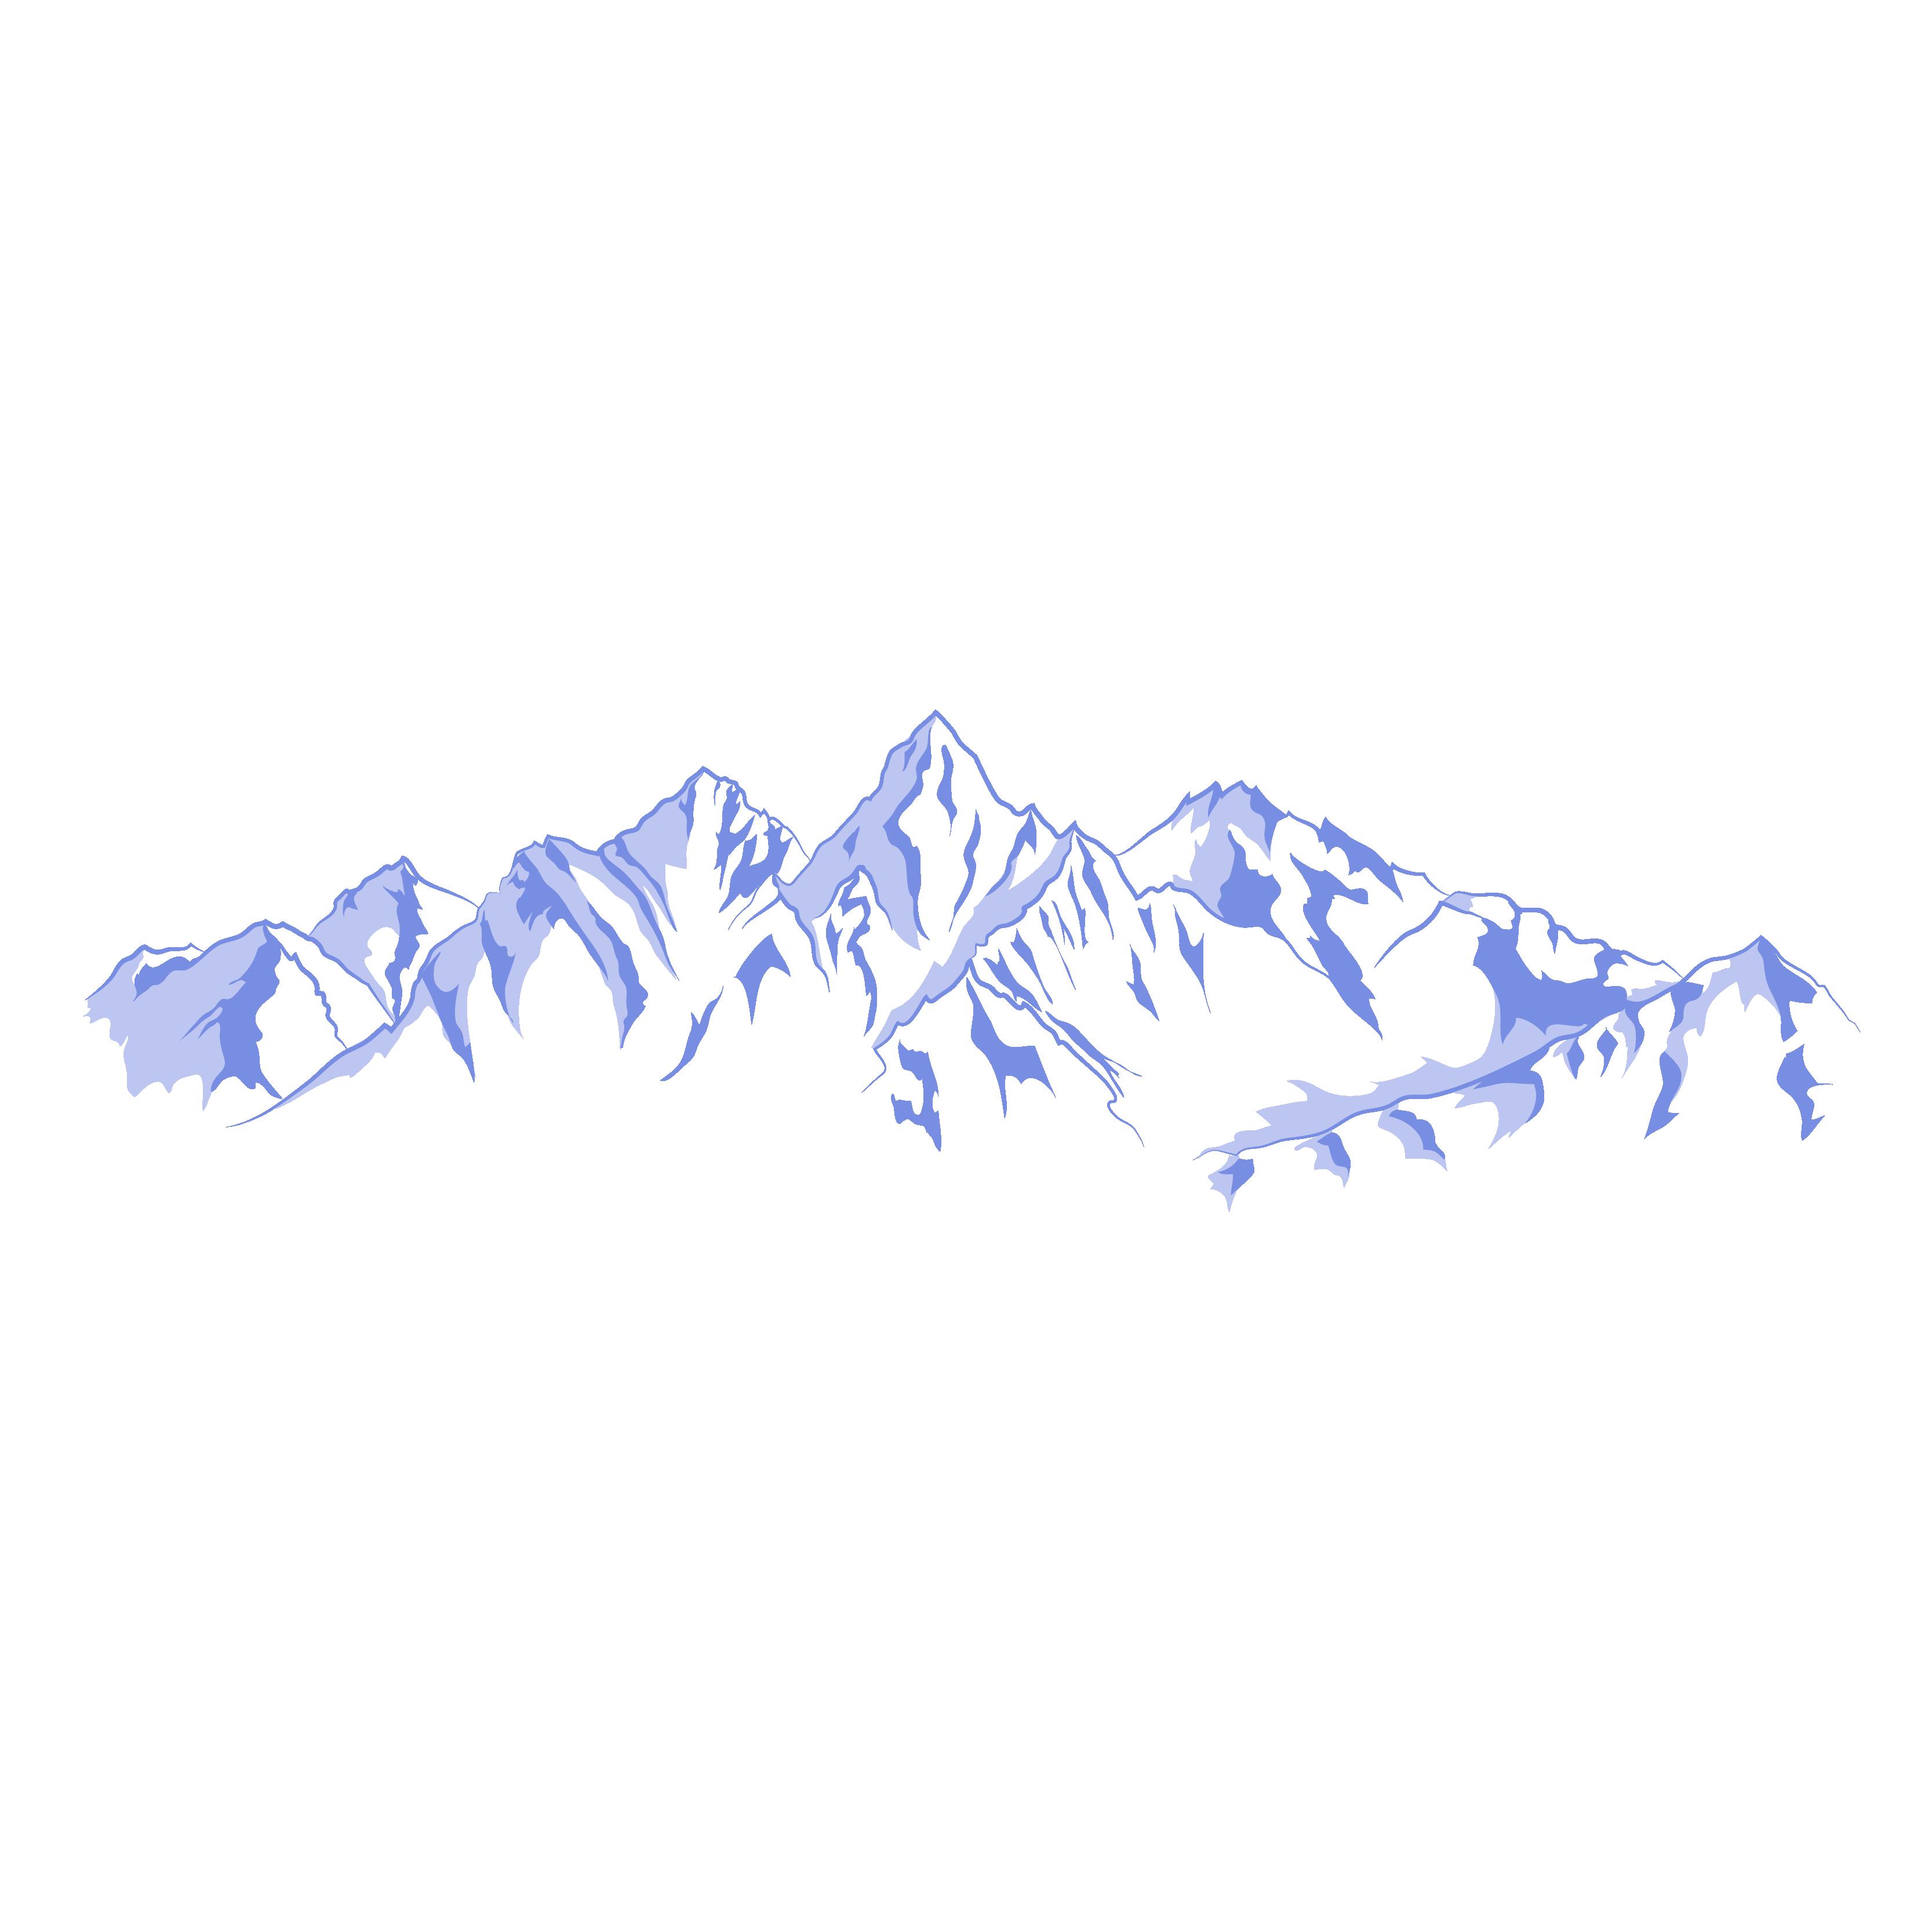 3333x3333 Mountain Range Euclidean Vector